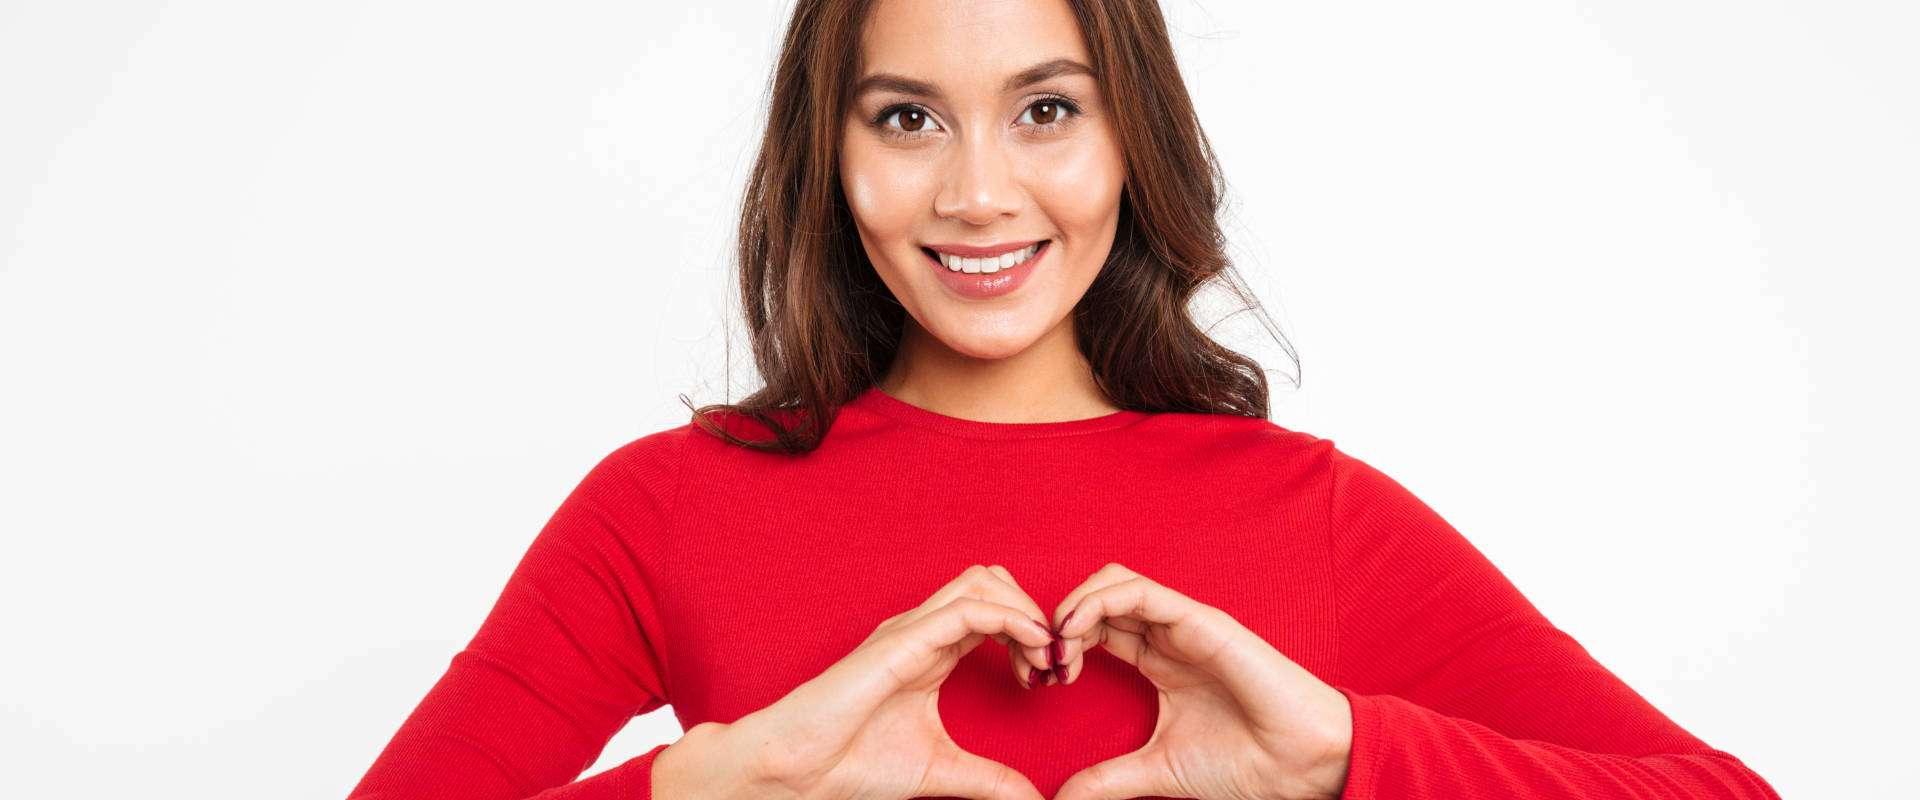 darshanatura-cuore-significato-psicosomatico-header